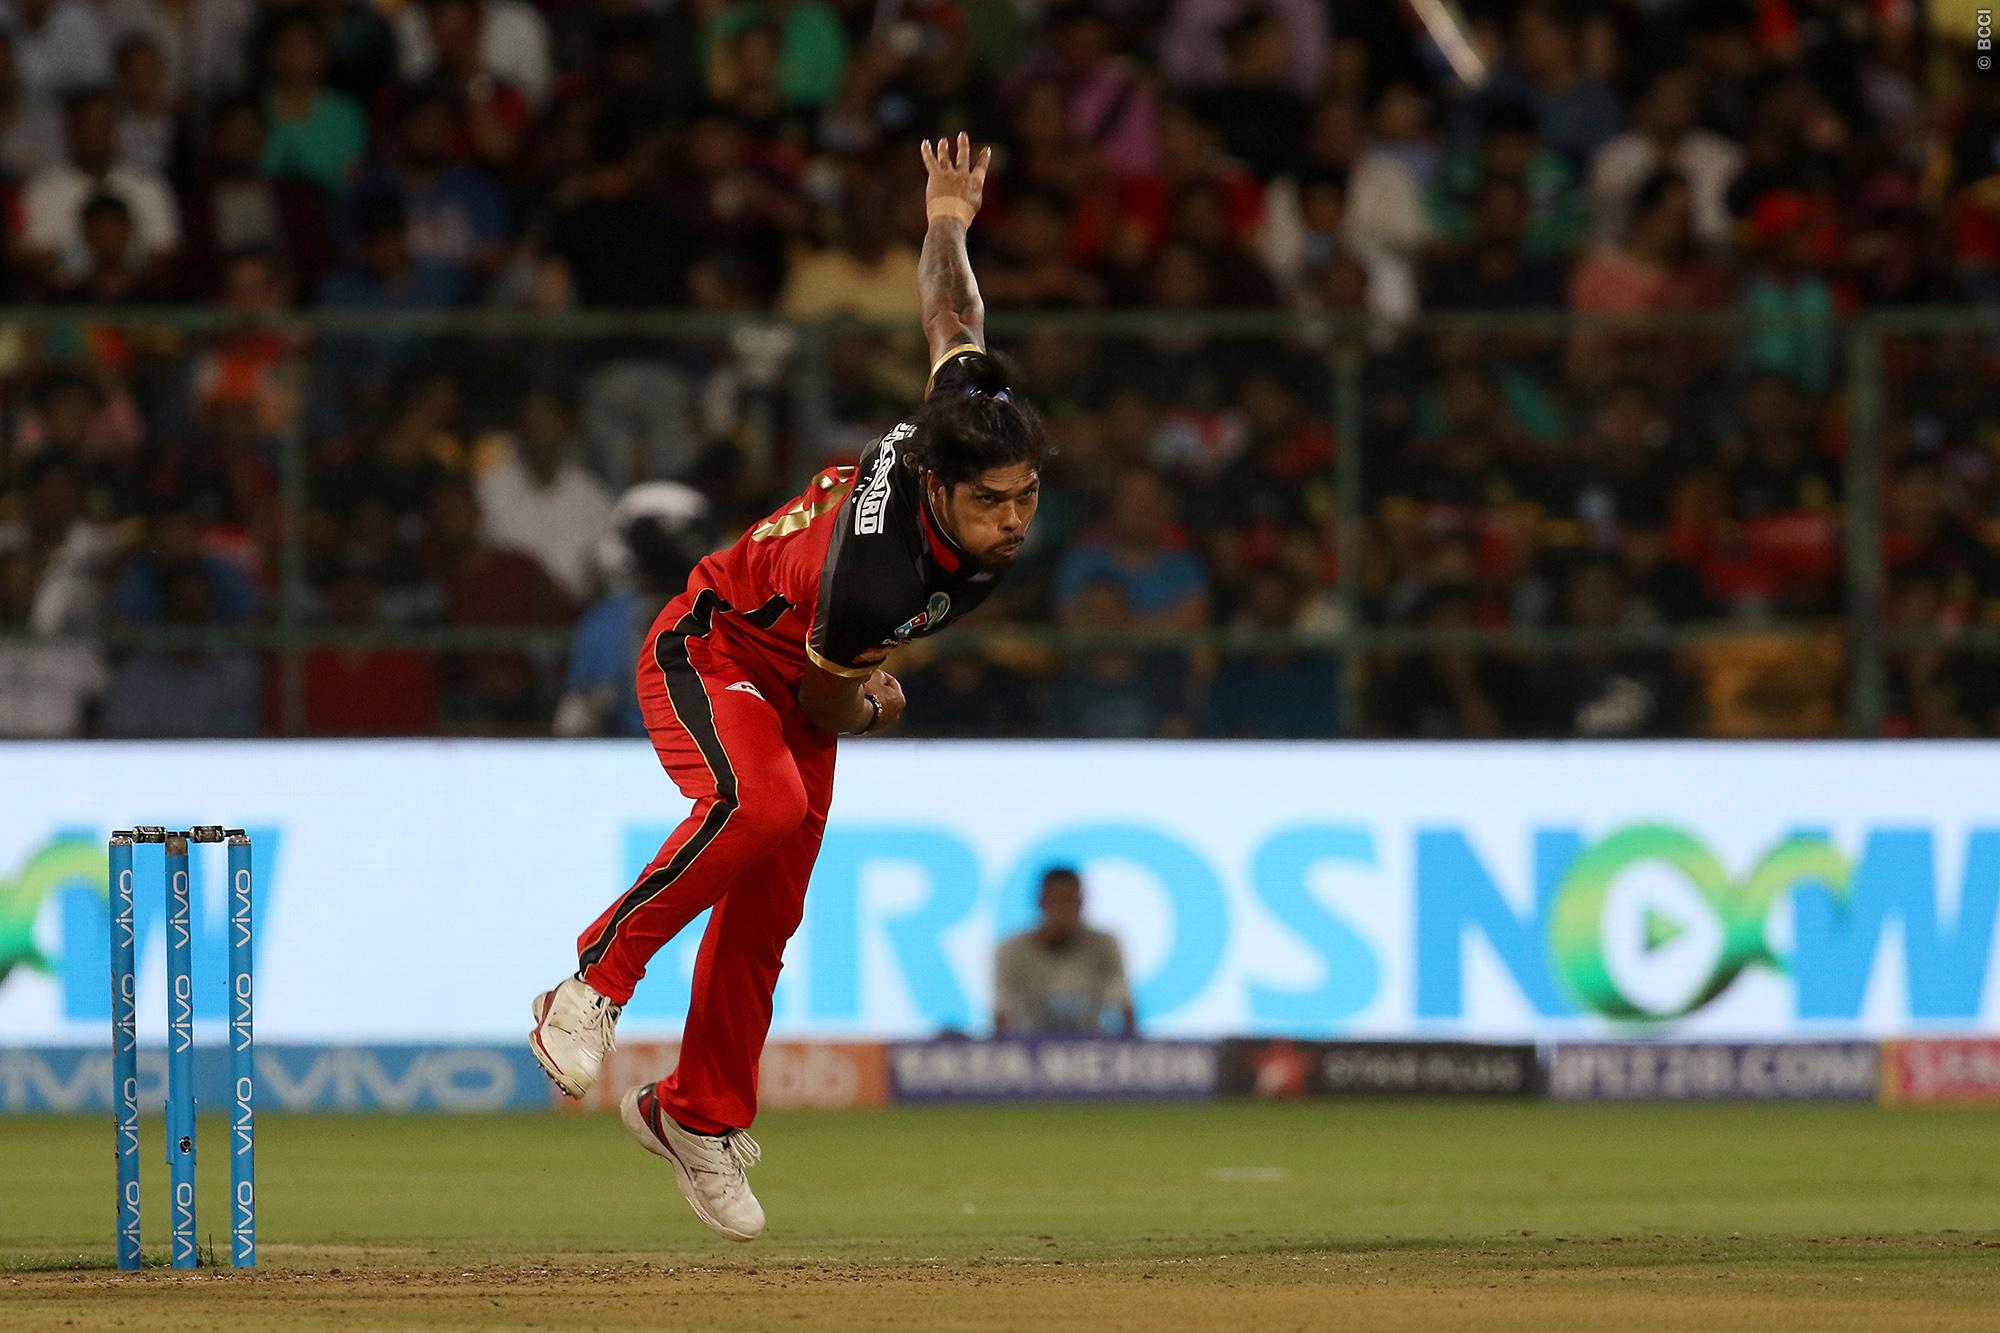 IPL 2018: चेन्नई के खिलाफ भले ही हार गयी बैंगलोर लेकिन इस मामले में दोहरा शतक लगा गये उमेश 13